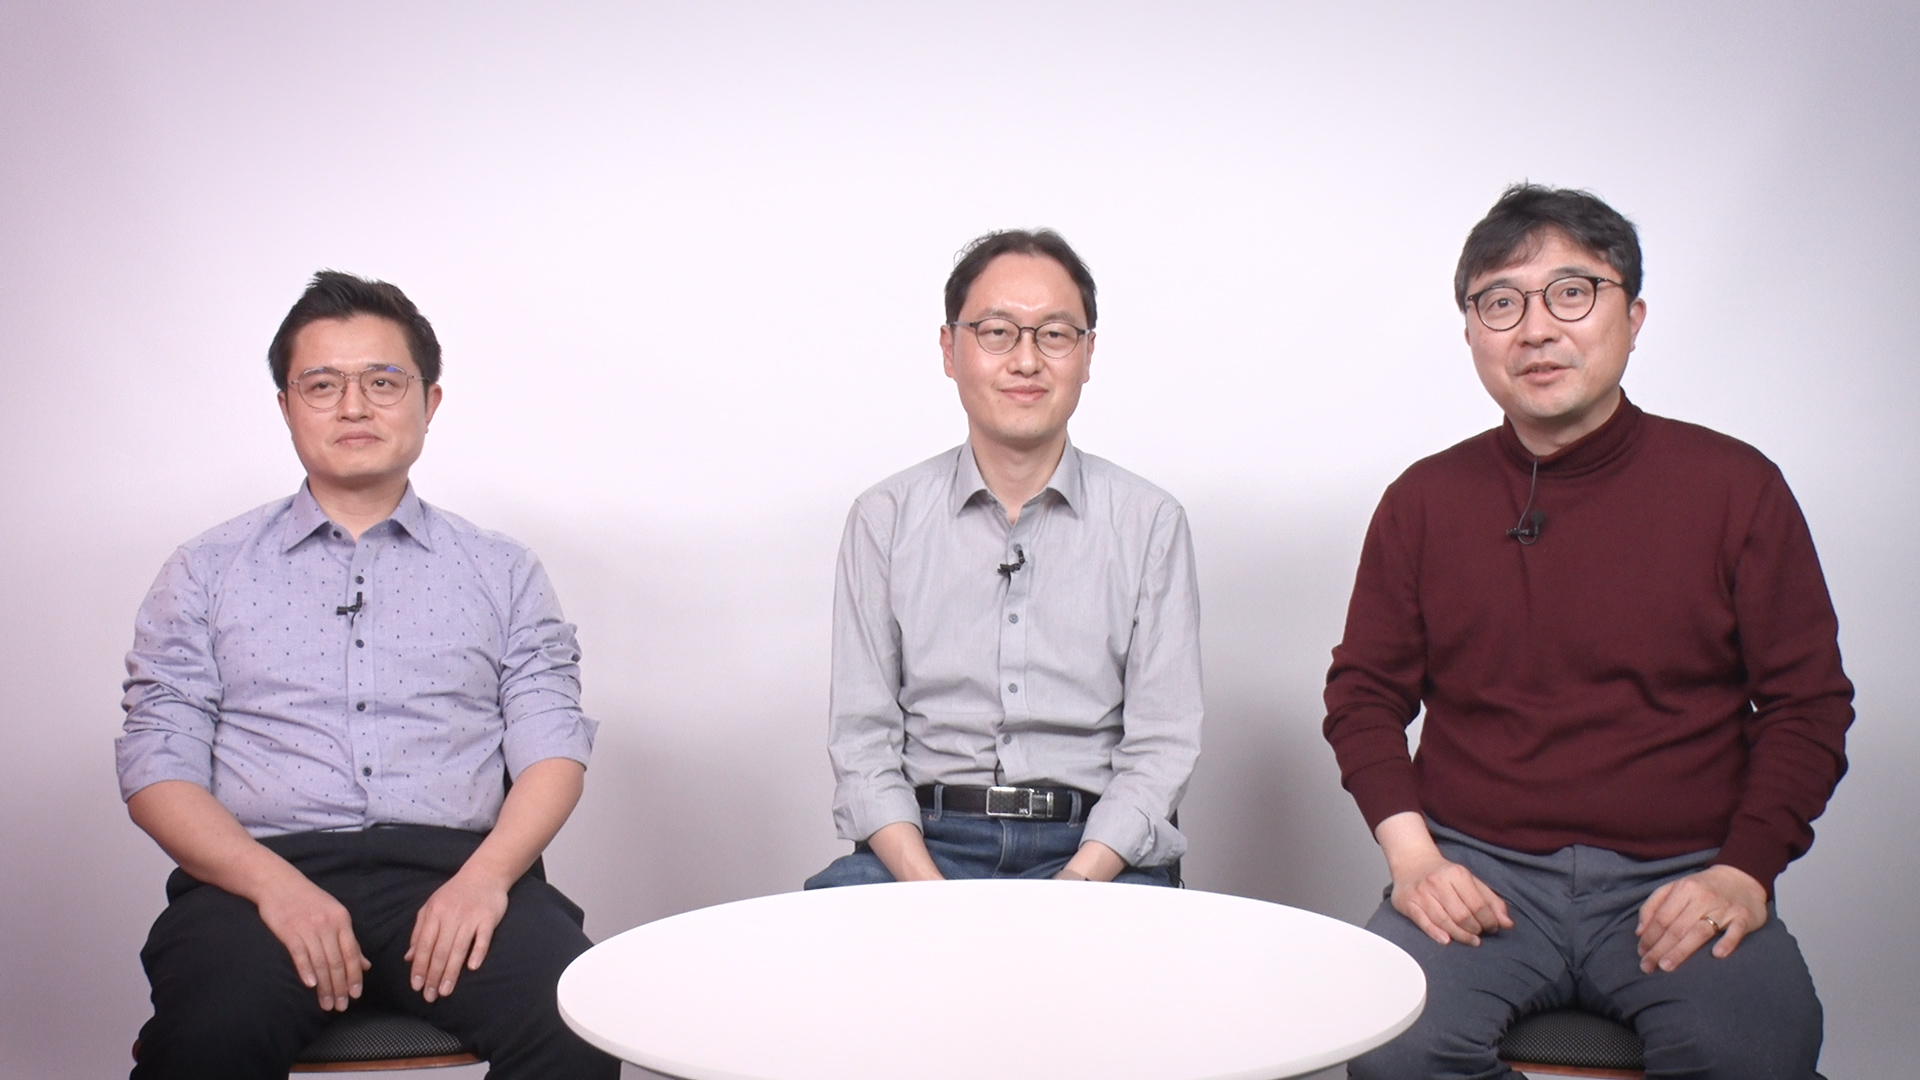 한국판 마크롱의 꿈··· 일하는 정당의 탄생, 시대전환